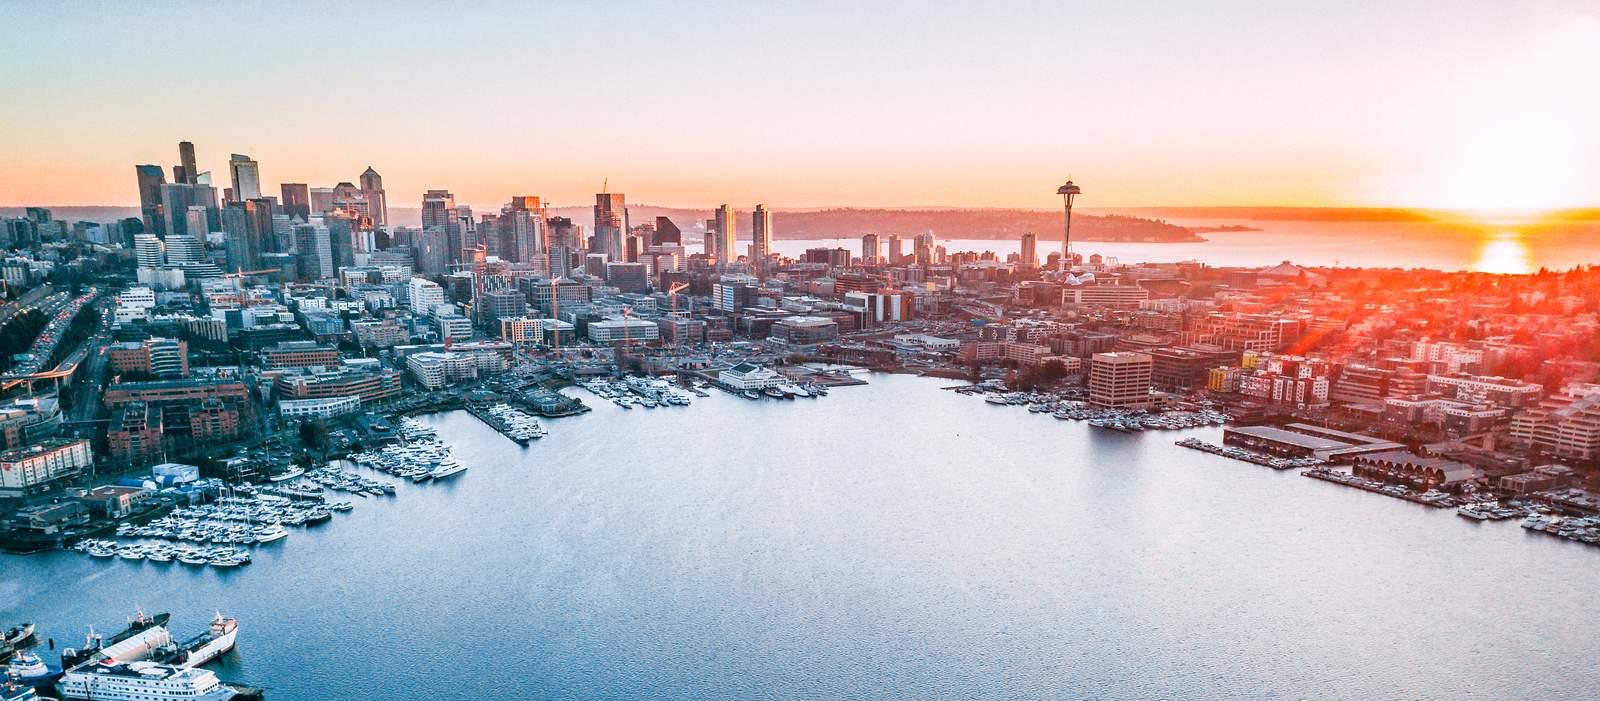 Die vom Sonnenuntergang getränkte Skyline von Seattle